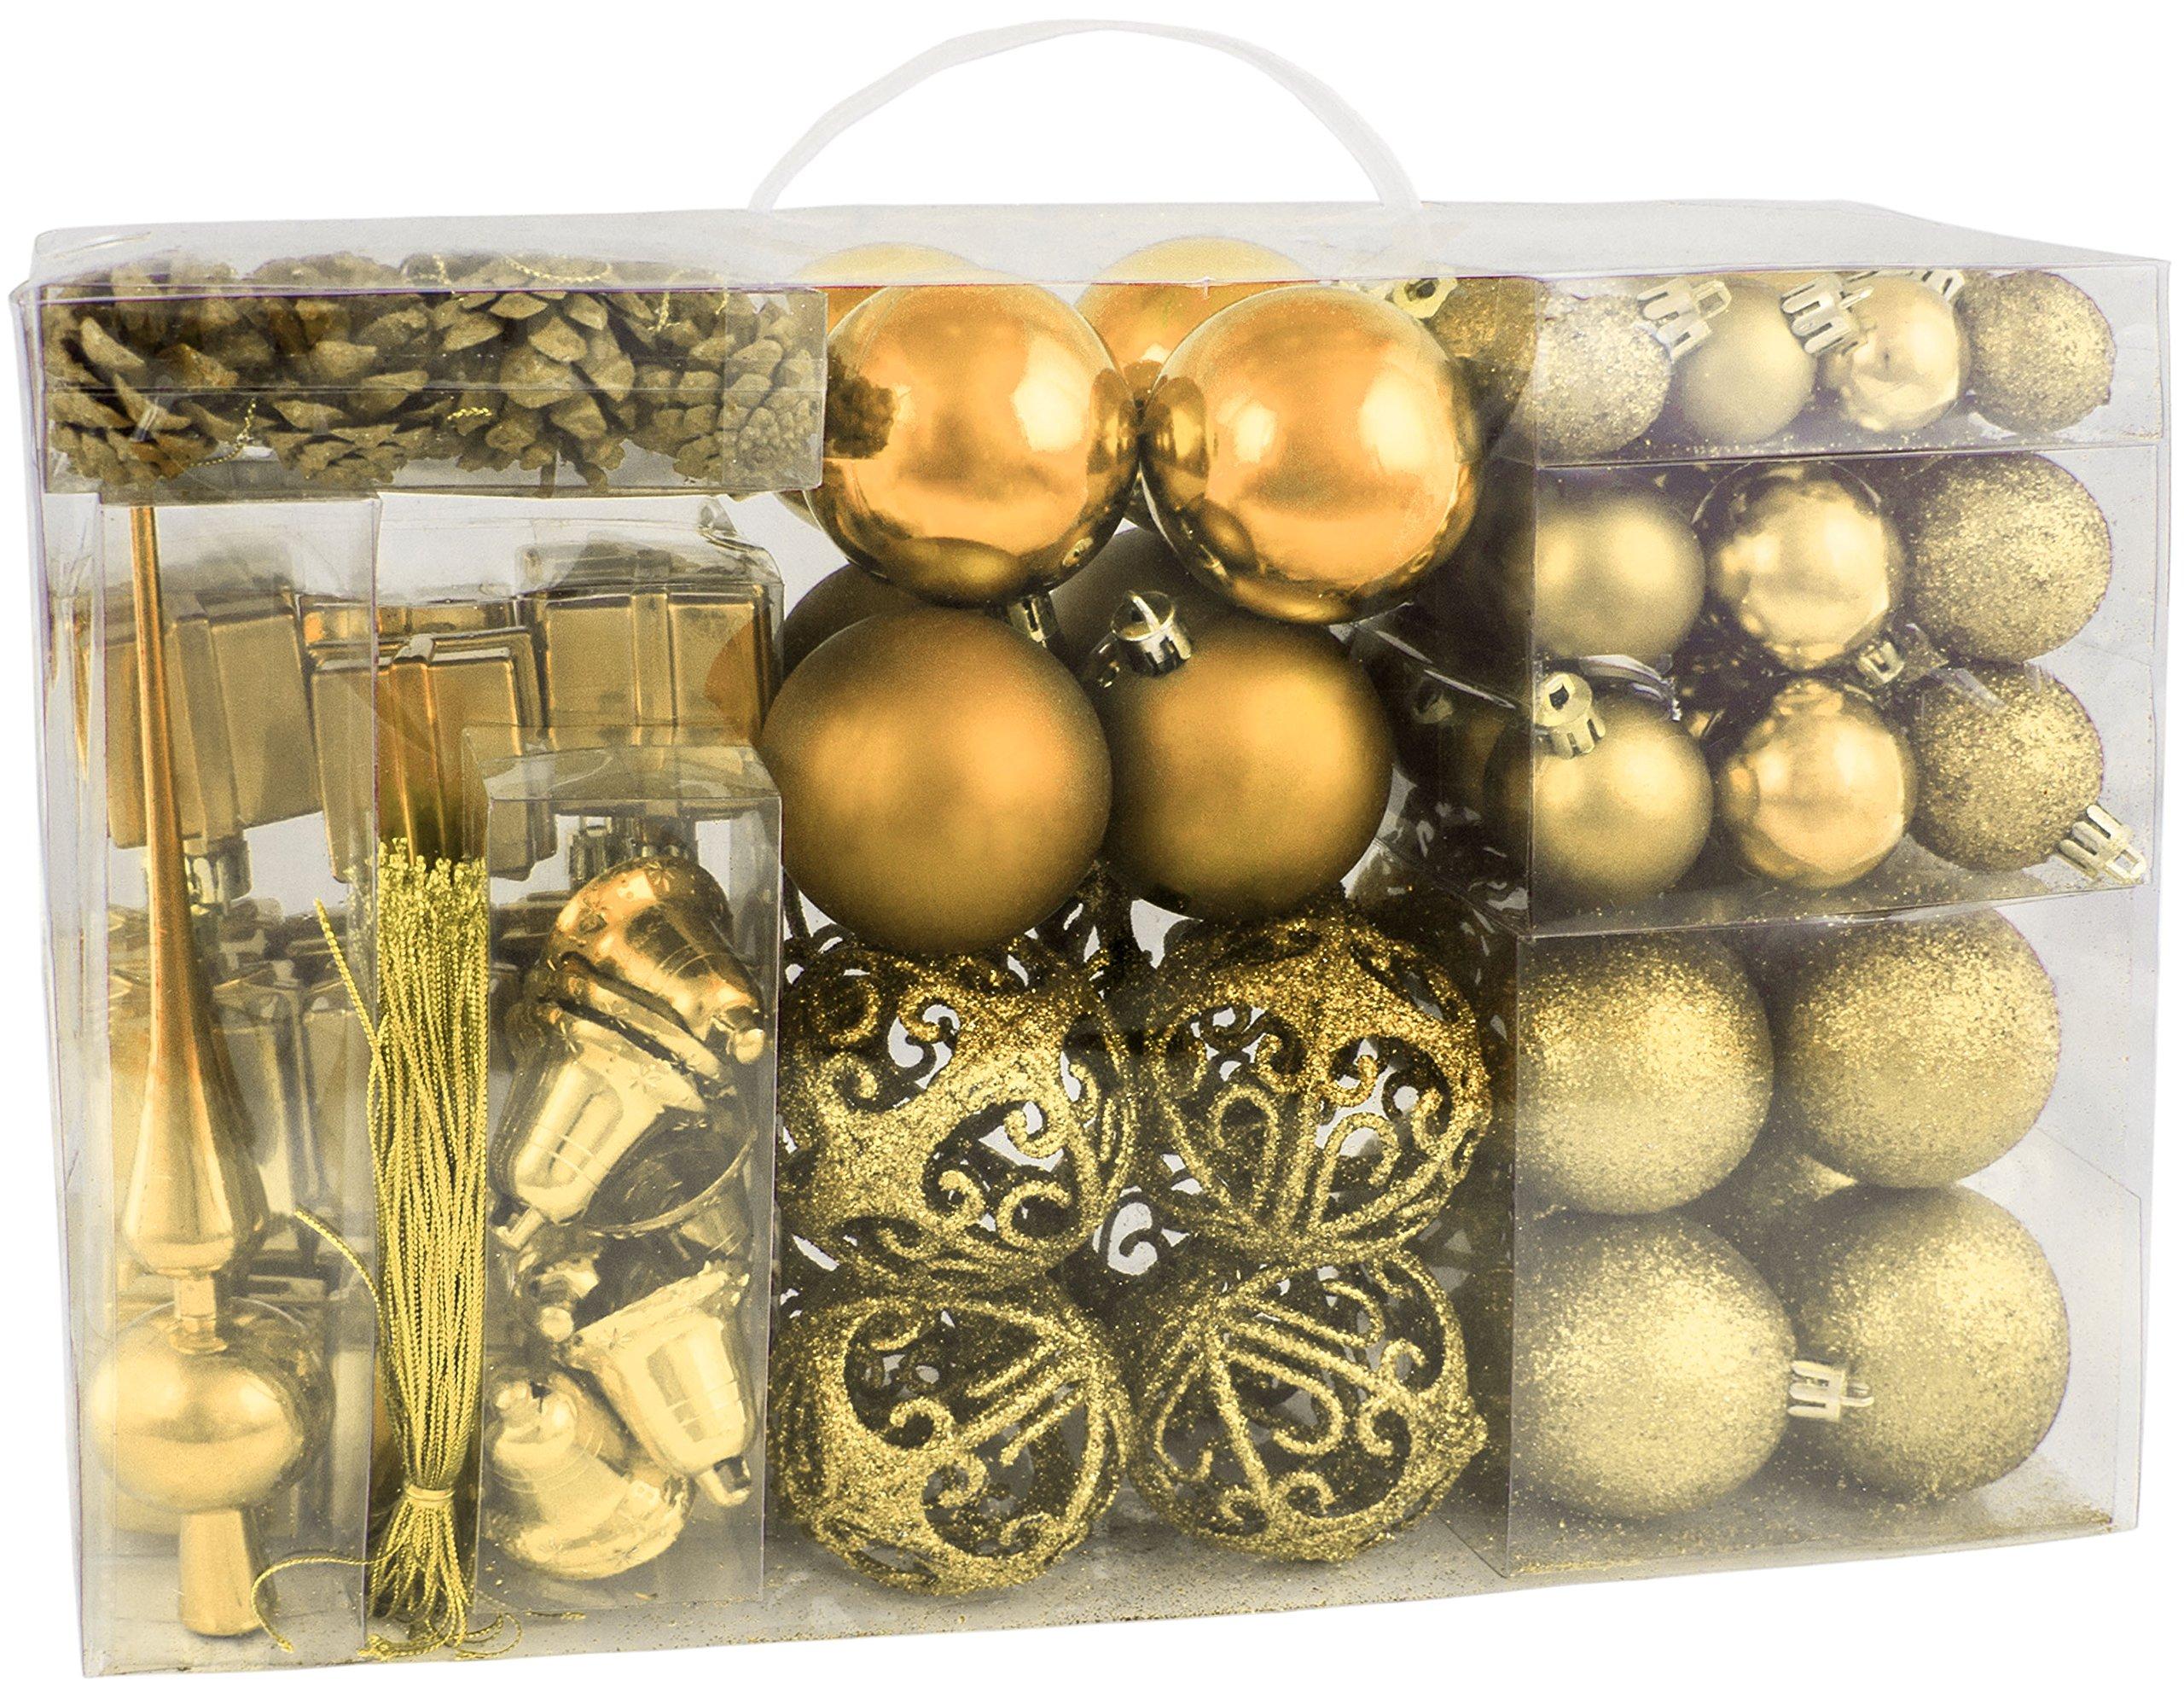 Brubaker-Christbaumkugel-Set-mit-Tannenzapfen-Weihnachtsglocken-Geschenken-Christbaumspitze-Christbaumschmuck-101-Teile-Gold